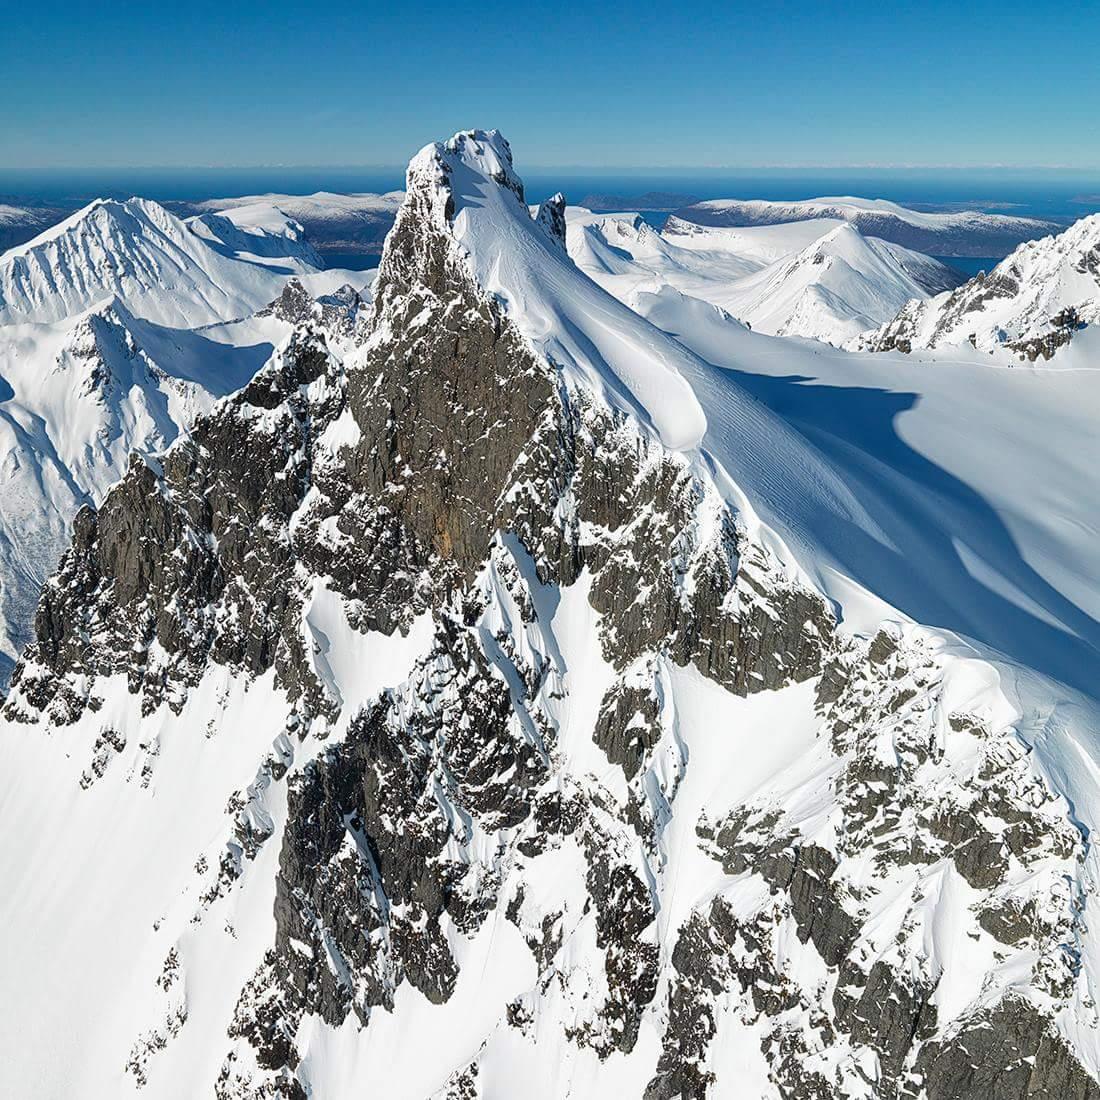 Φωτογραφία από το όρος Kolsåstinden στη Νορβηγία.